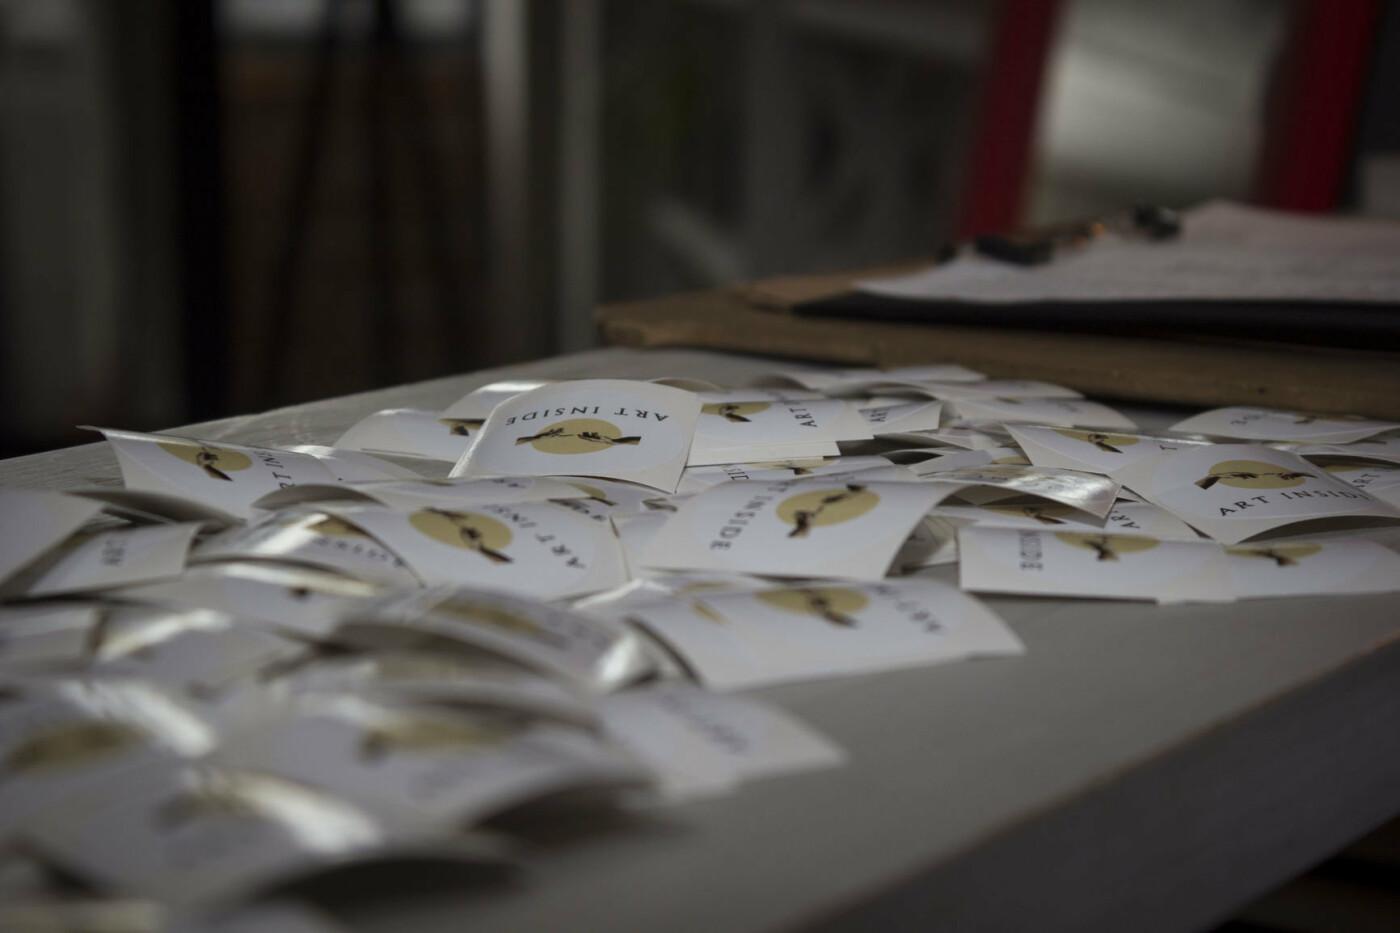 """""""Искусство внутри нас"""": основательница проекта """"Art Inside"""" Алиса Куцовская о самовыражении, объединении людей и творчестве , фото-4"""